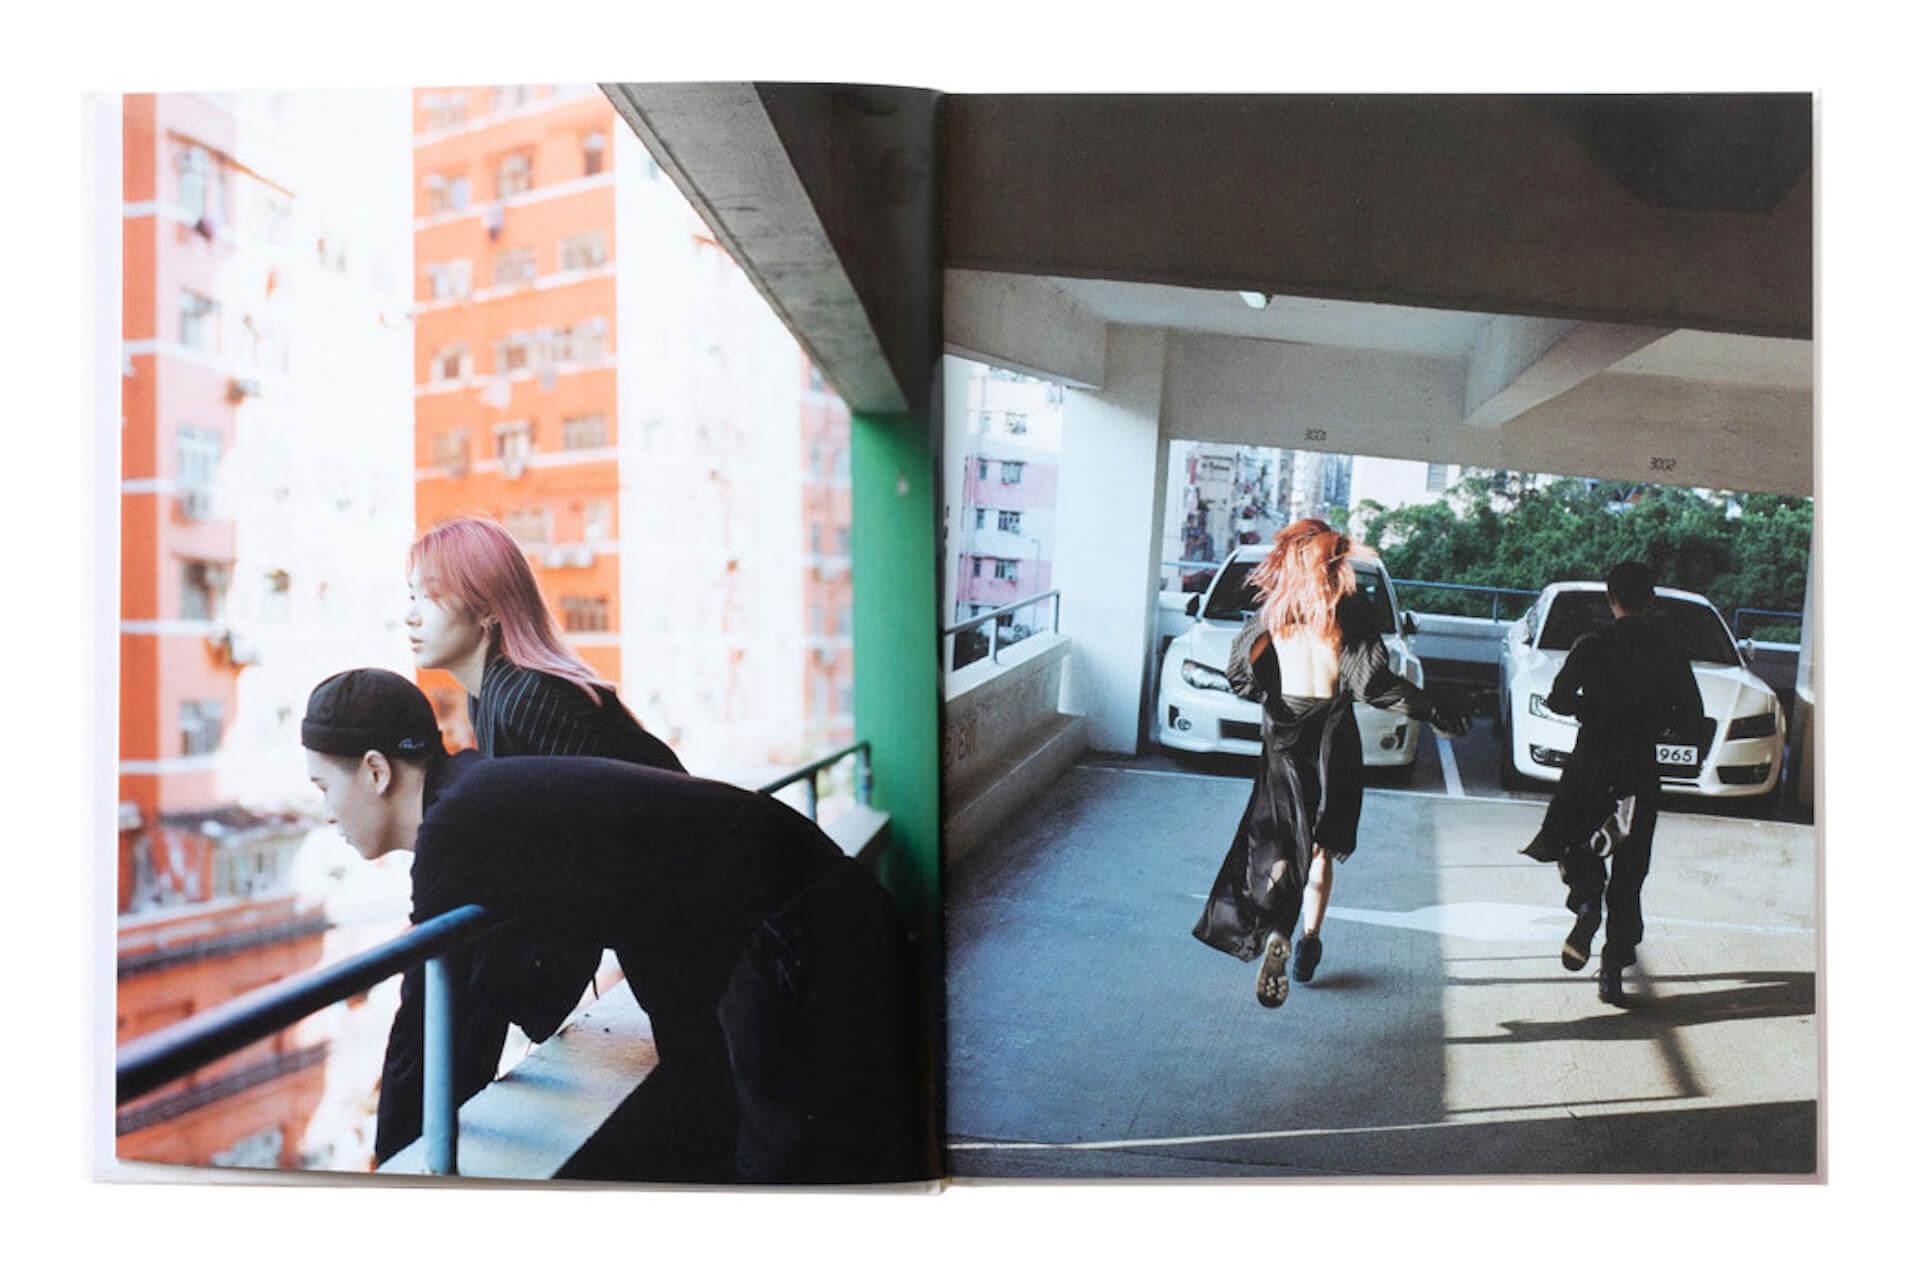 アートブックノススメ|Qetic編集部が選ぶ5冊/Roni Ahn 他 column210916_artbook-022